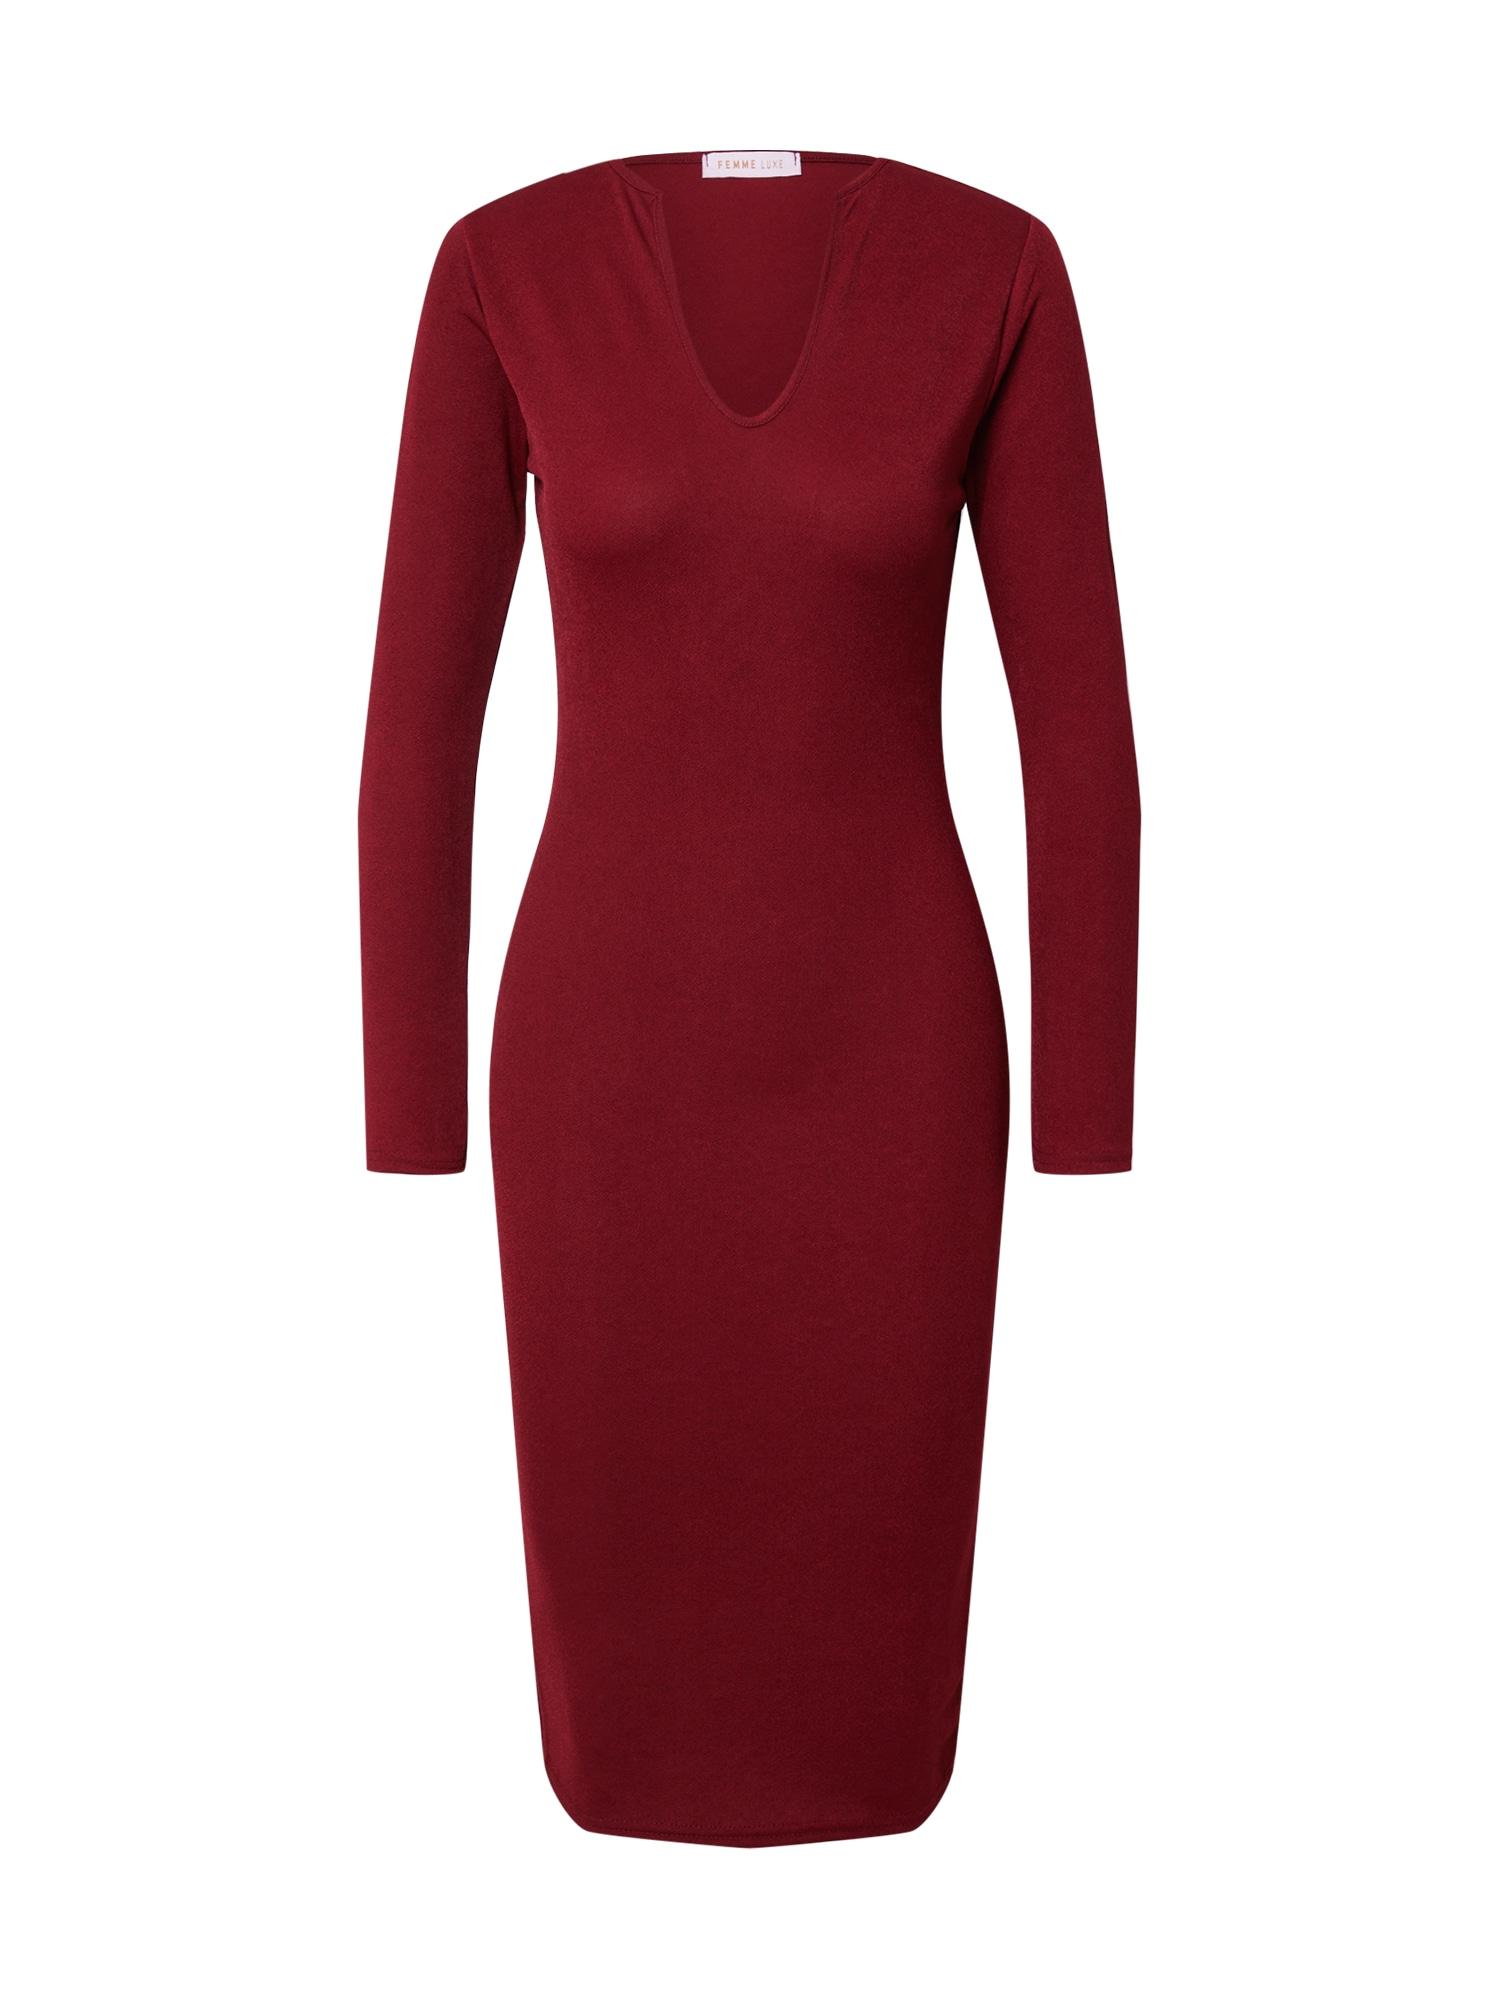 Femme Luxe Suknelė